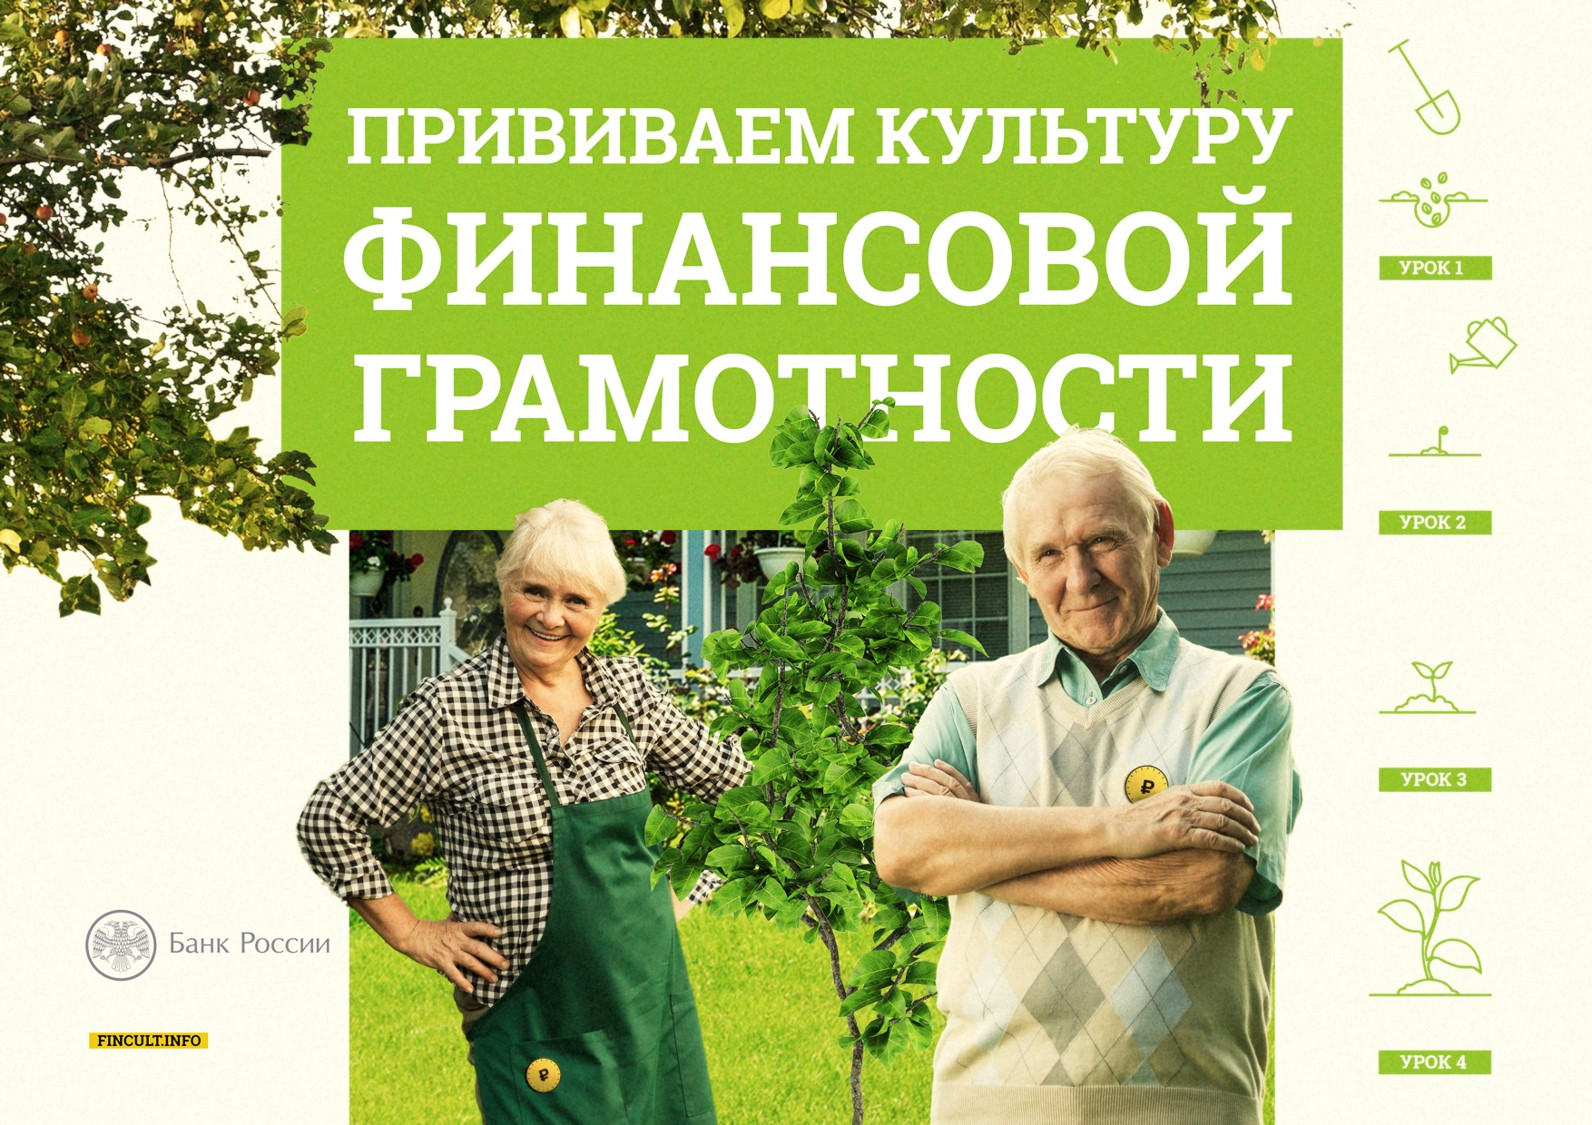 Банк России проведет уроки финансовой грамотности для пенсионеров